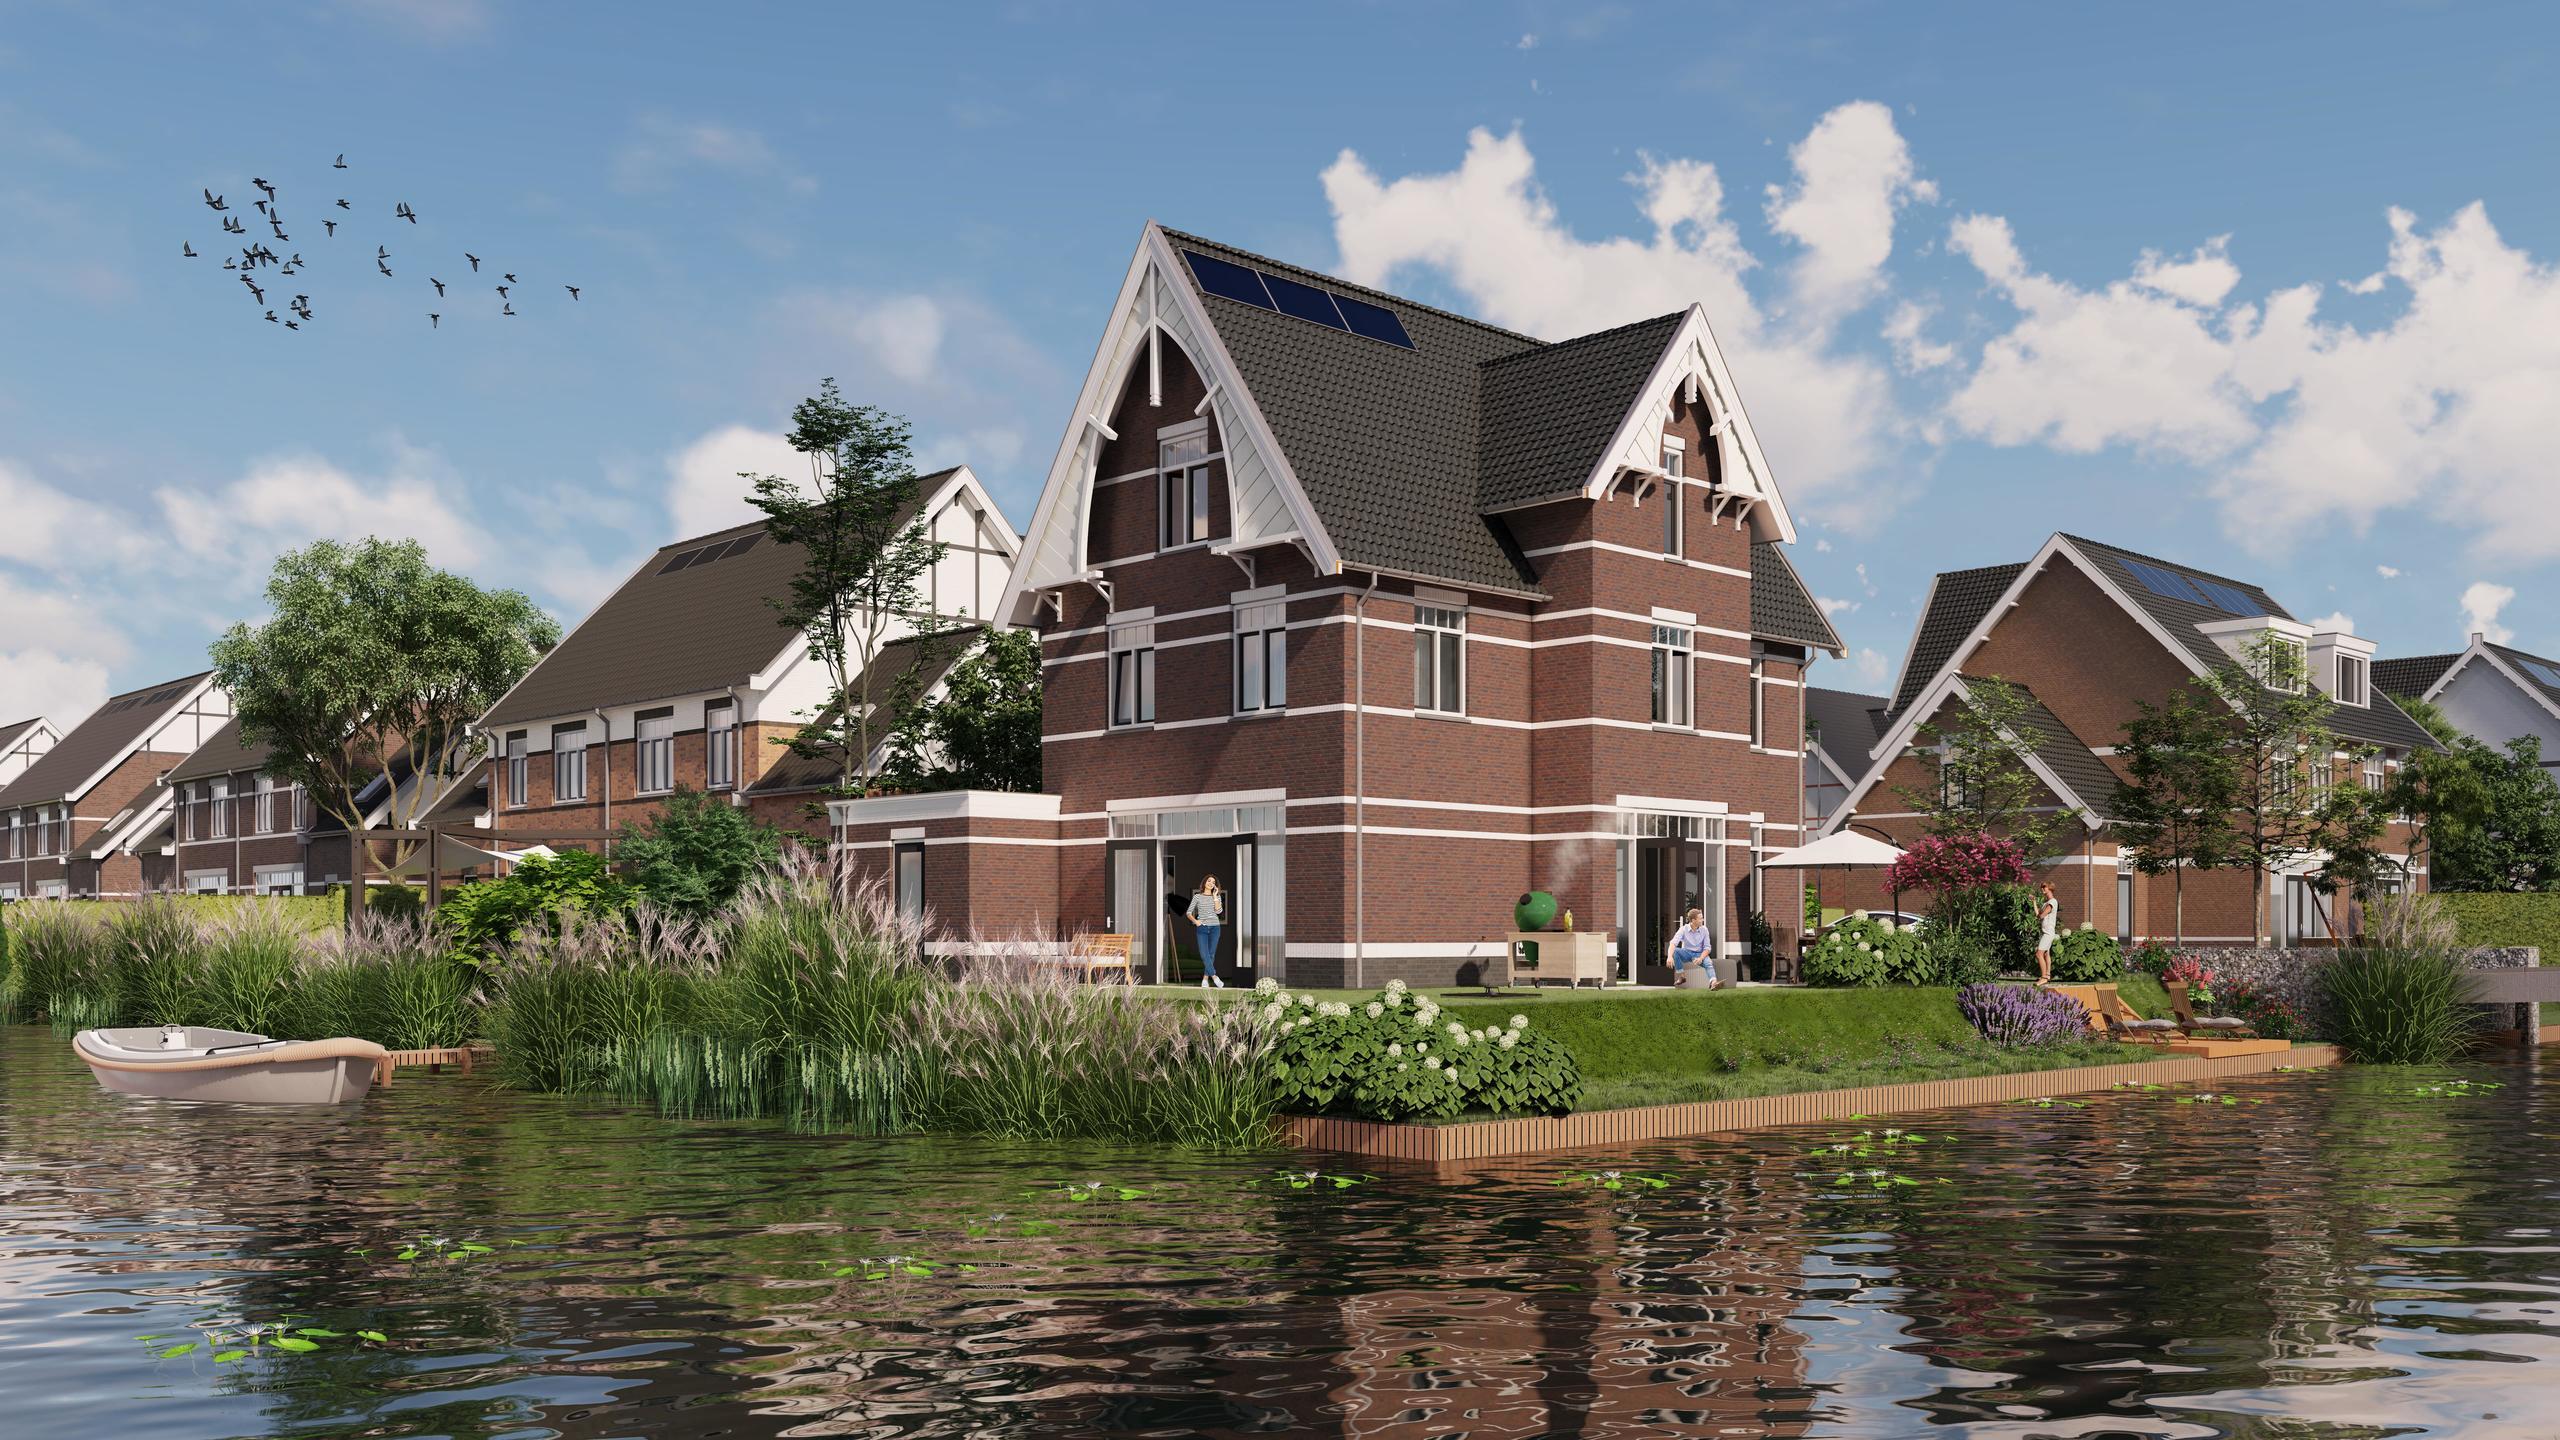 Lunshof makelaars Amstelveen en Amsterdam - Fort Blauwkapelstraat 1  Weesp